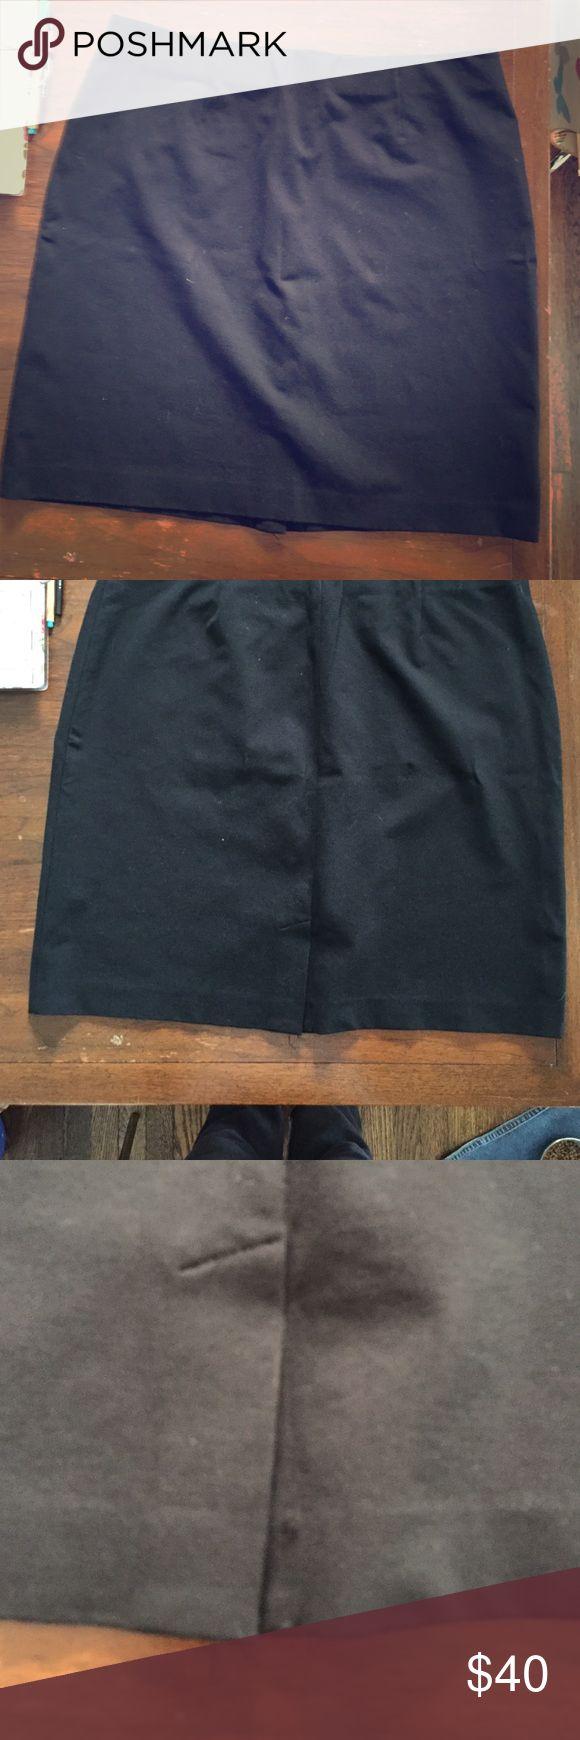 Jjill xl blank stretchy pencil skirt w back slit J.Jill xl blank stretchy pencil skirt w back slit. Elastic wide flattering waist line never worn! J. Jill Skirts Pencil